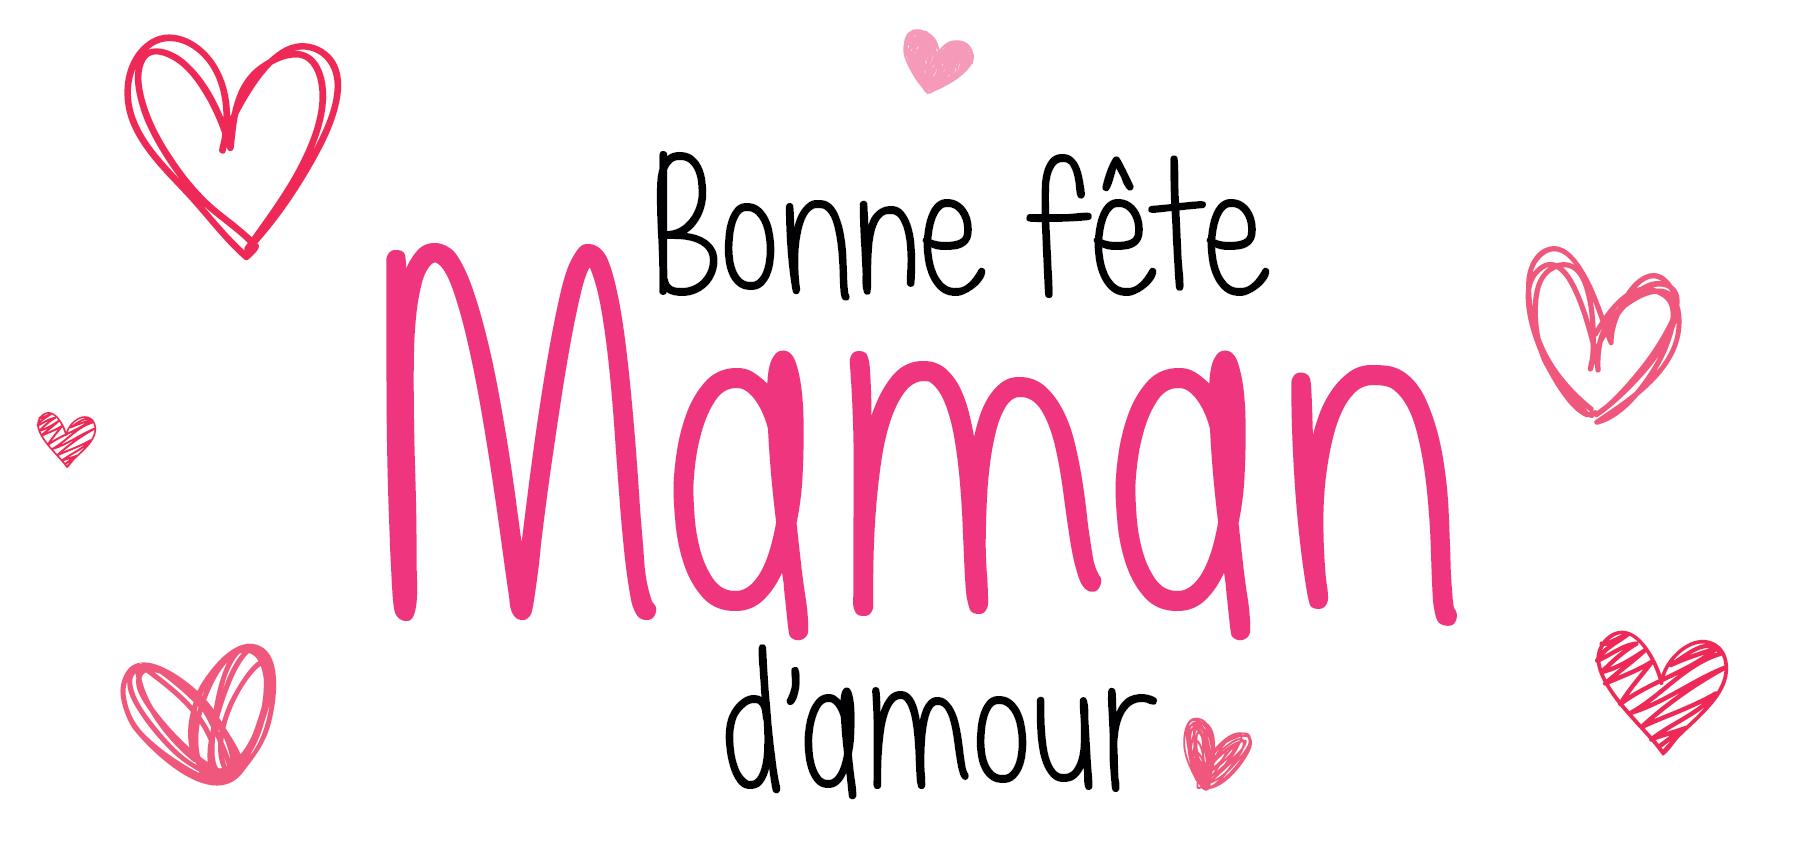 11. Bonne fête Maman d'amour